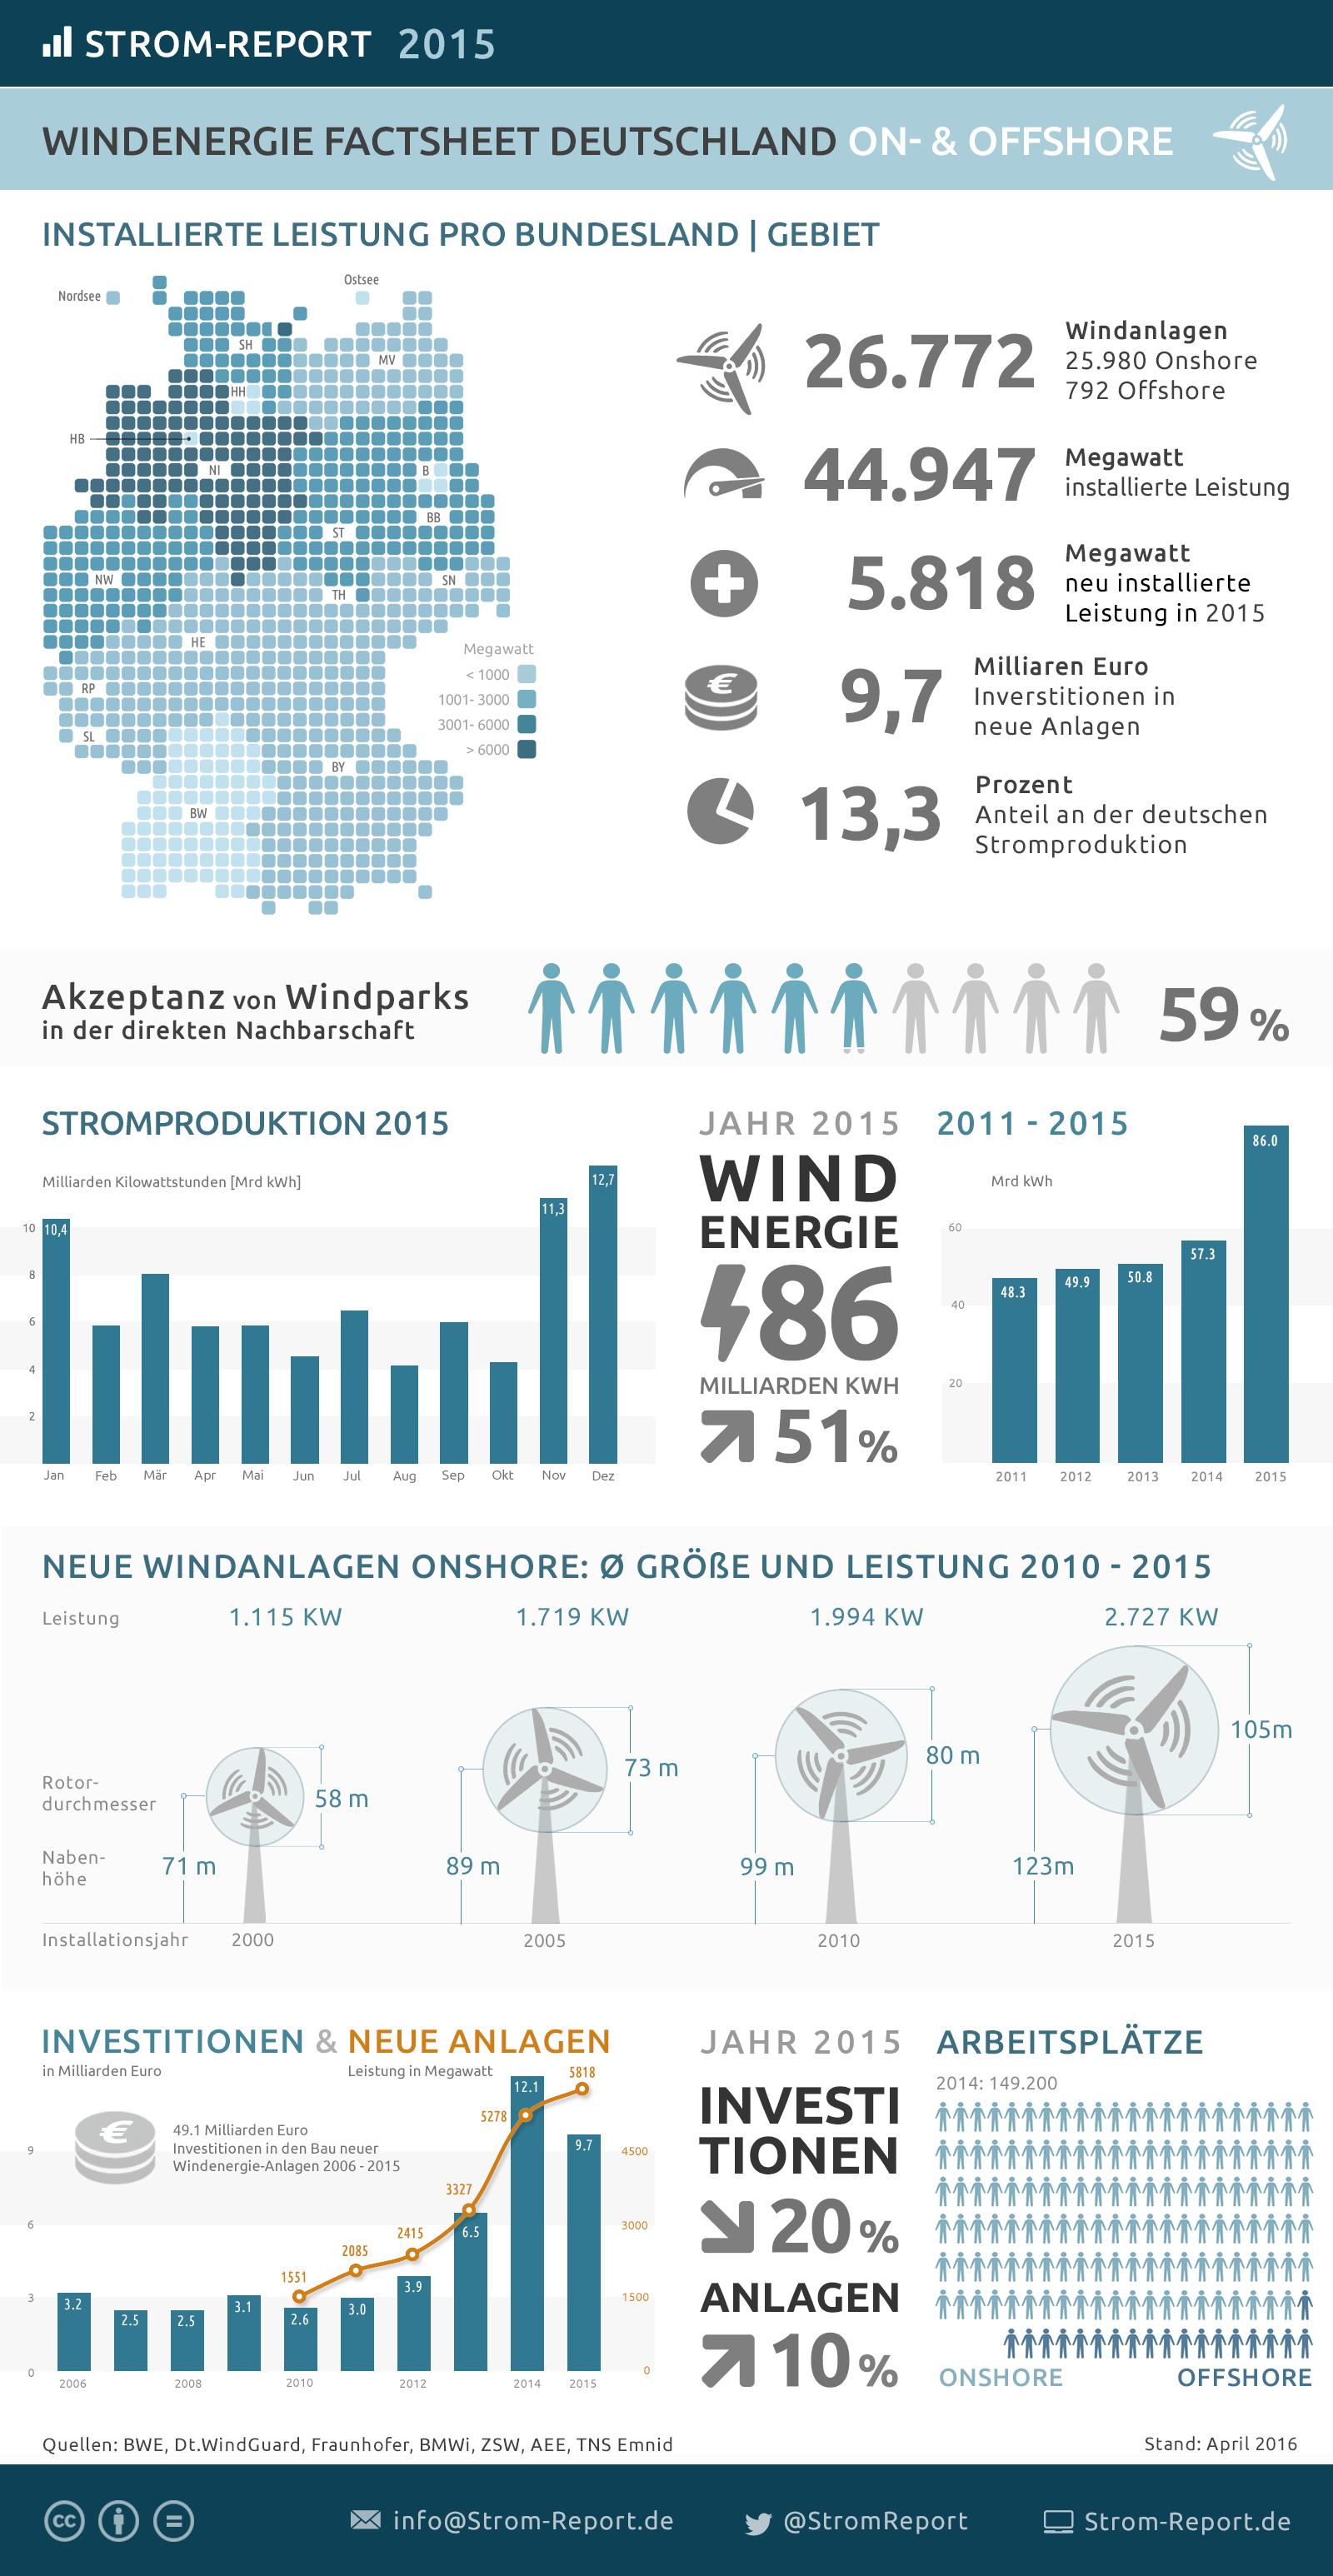 Windenergie in Deutschland 2015 - http://strom-report.de/download ...